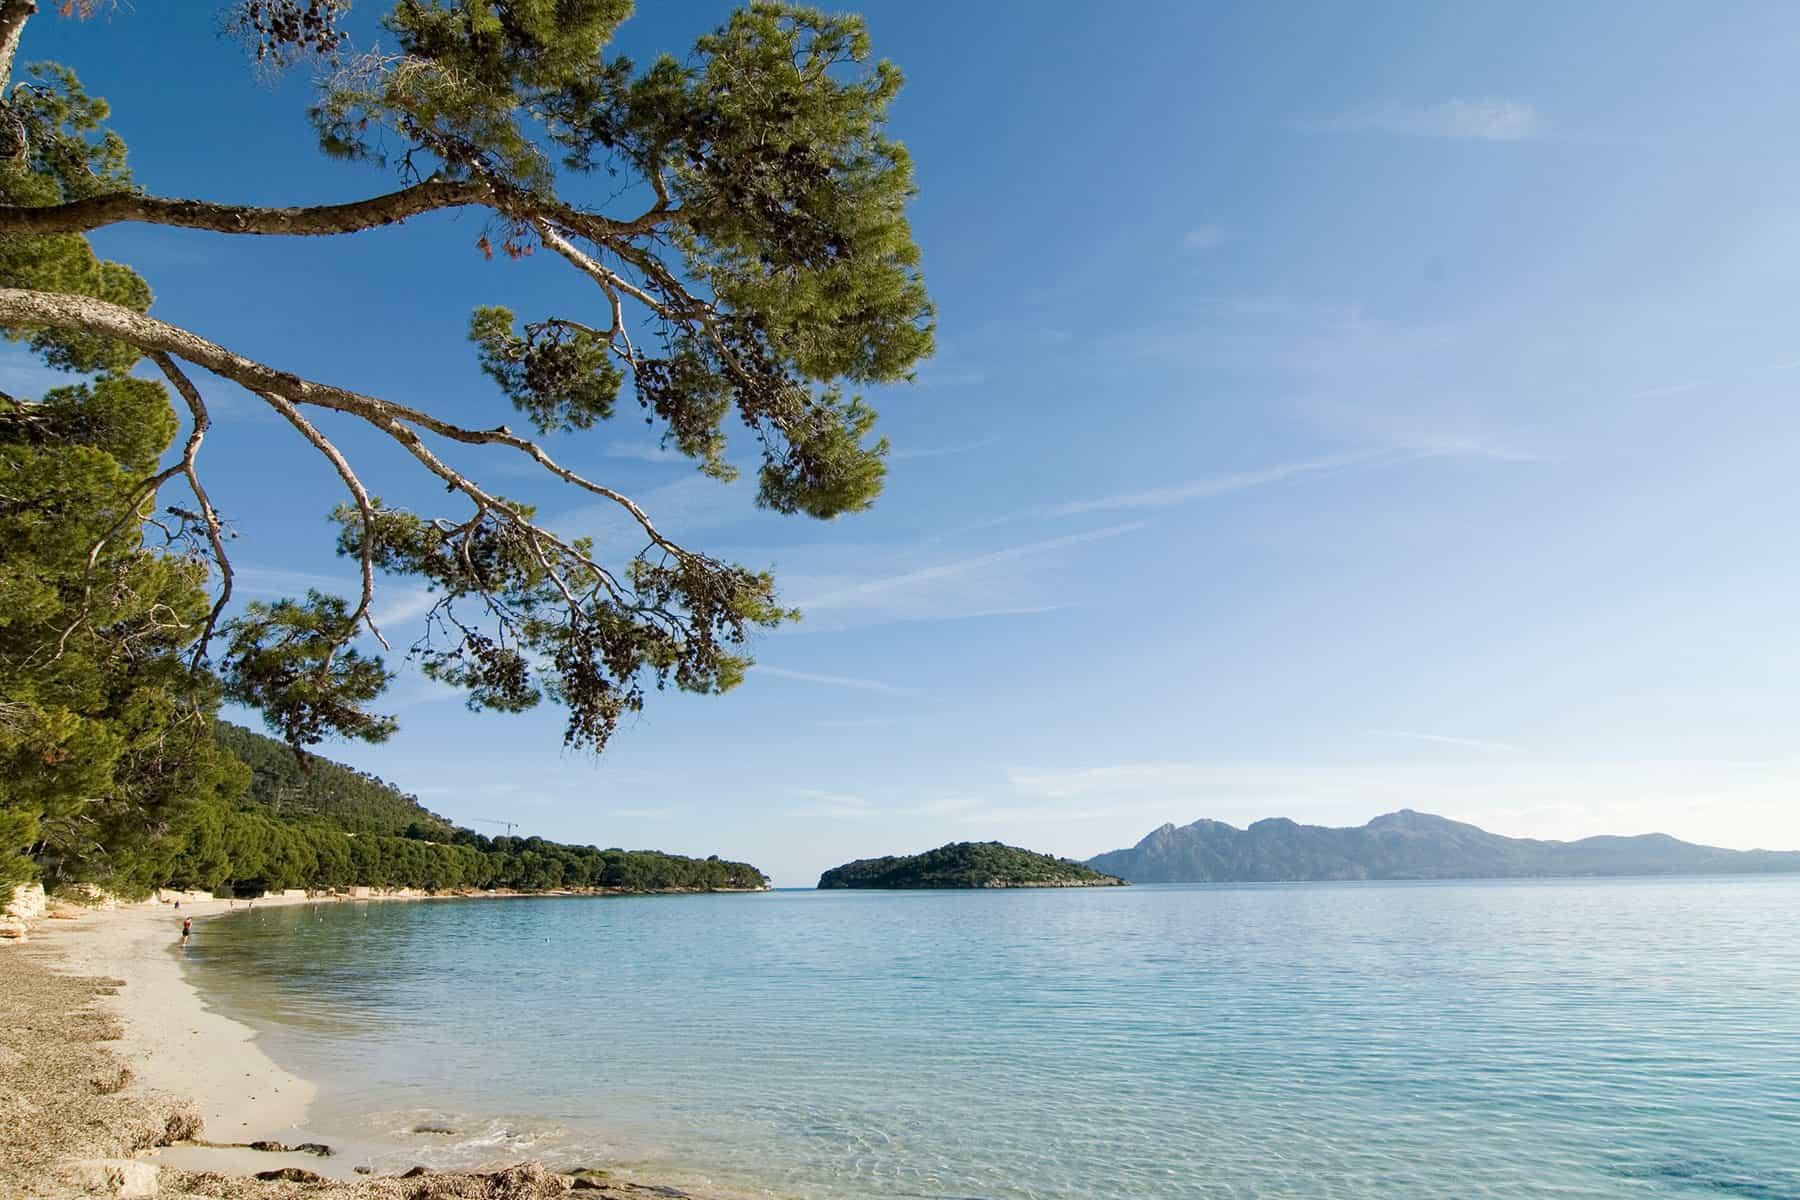 Resor_Mallorca_palma_strand2_Nygren_Lind_Resebyrå